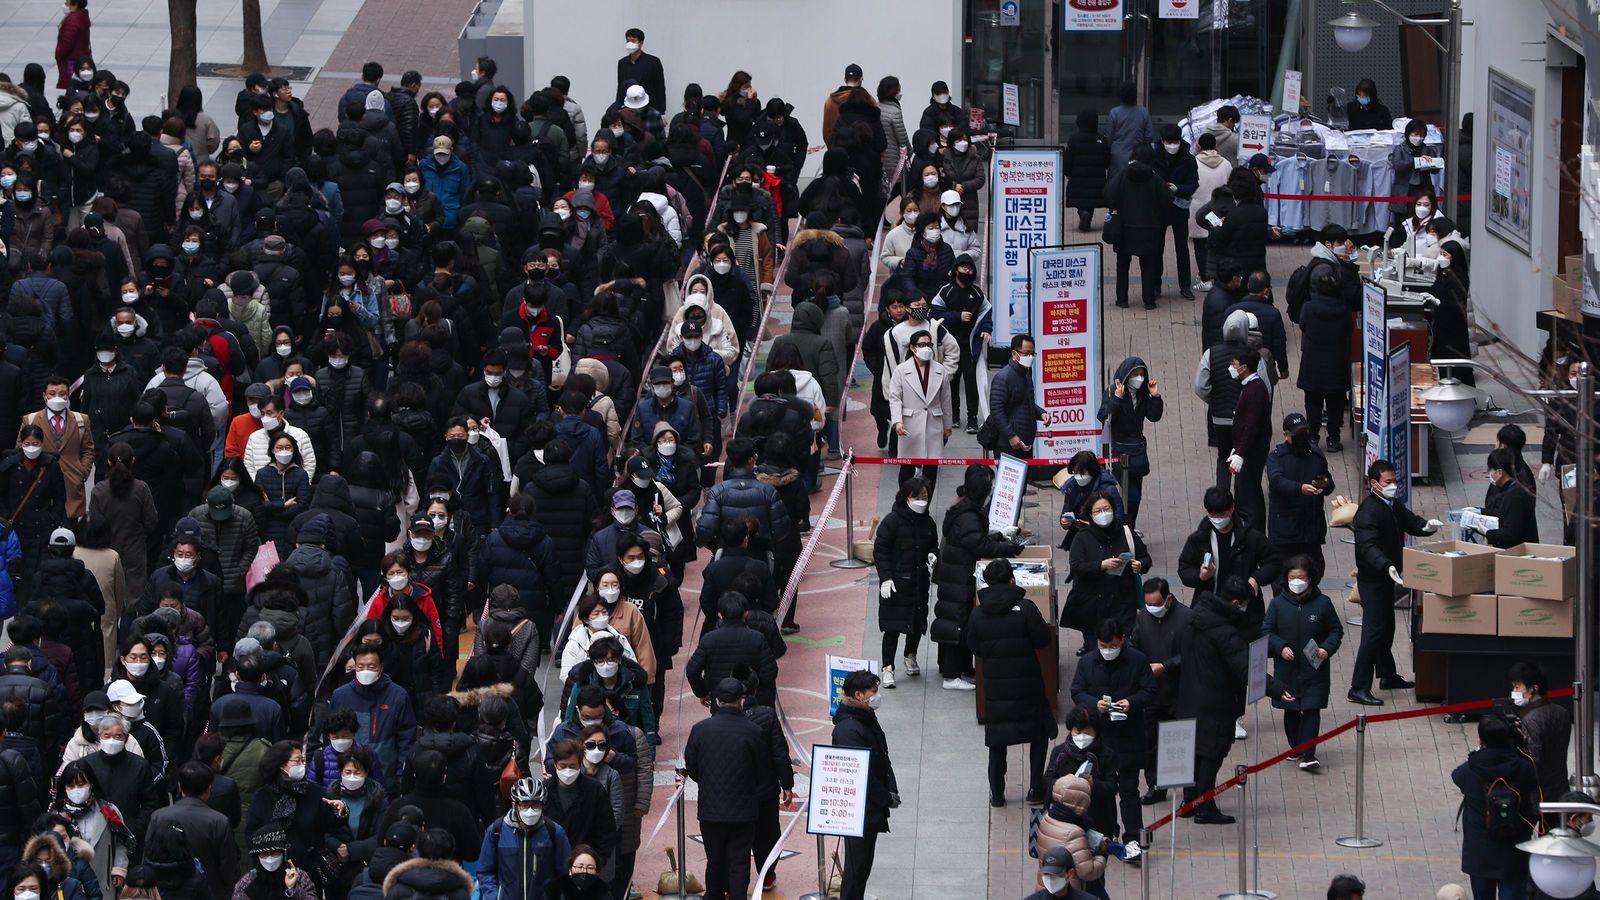 新型コロナ禍で資金流出「崩壊した韓国経済」の最悪シナリオ 渡航中止勧告で生産活動は大混乱に